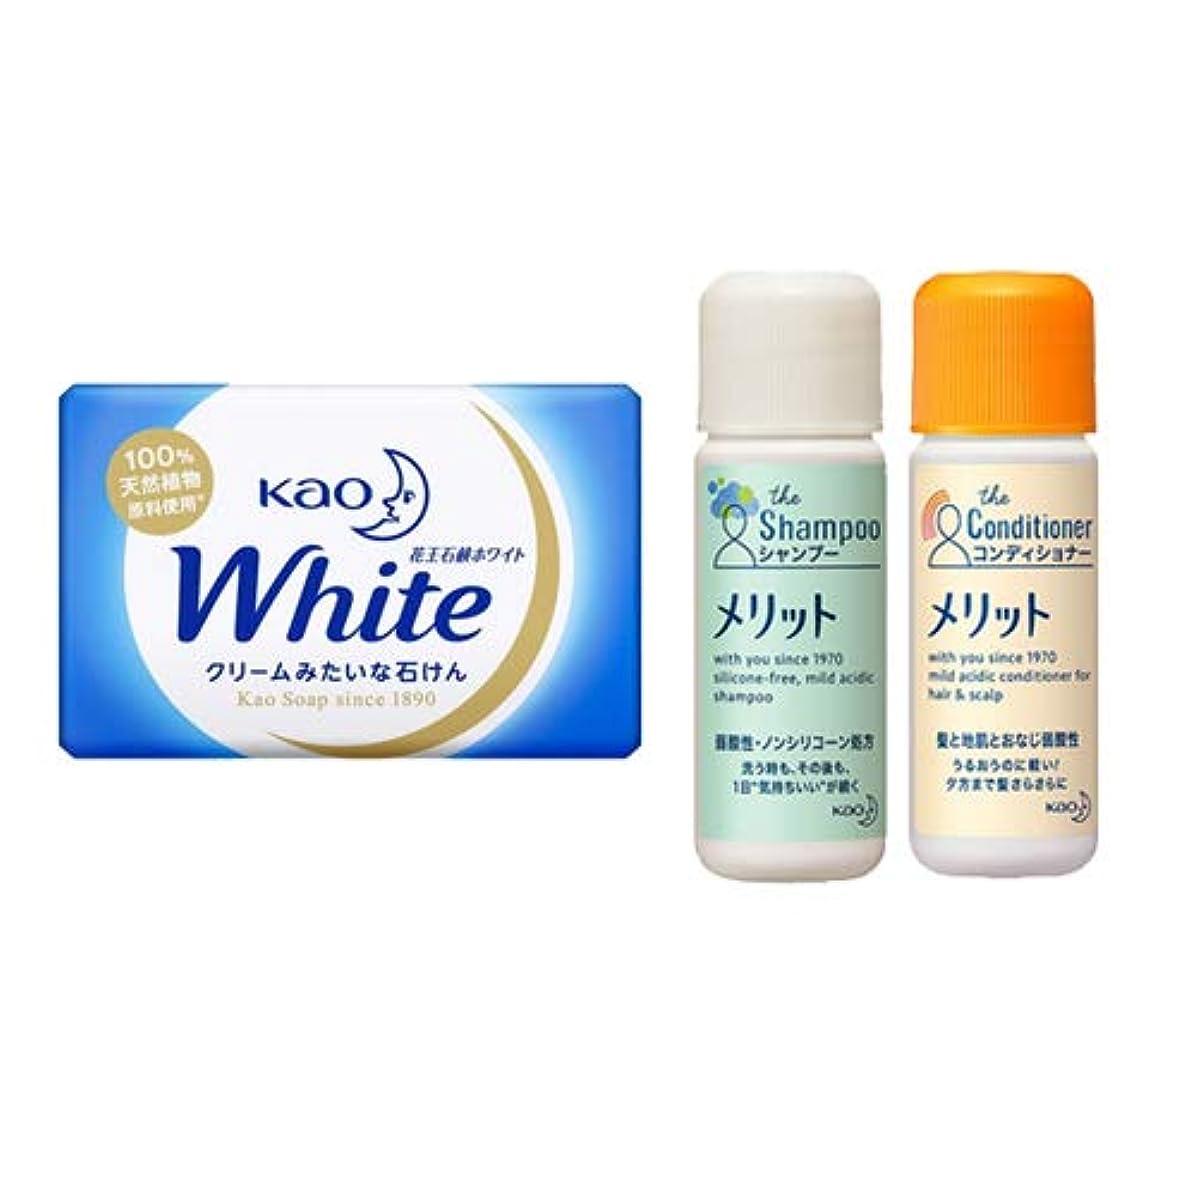 挨拶製造業消化器花王(KAO) 石鹸ホワイト(Kao Soap White) 15g + メリットシャンプー 16ml + リンス 16ml セット